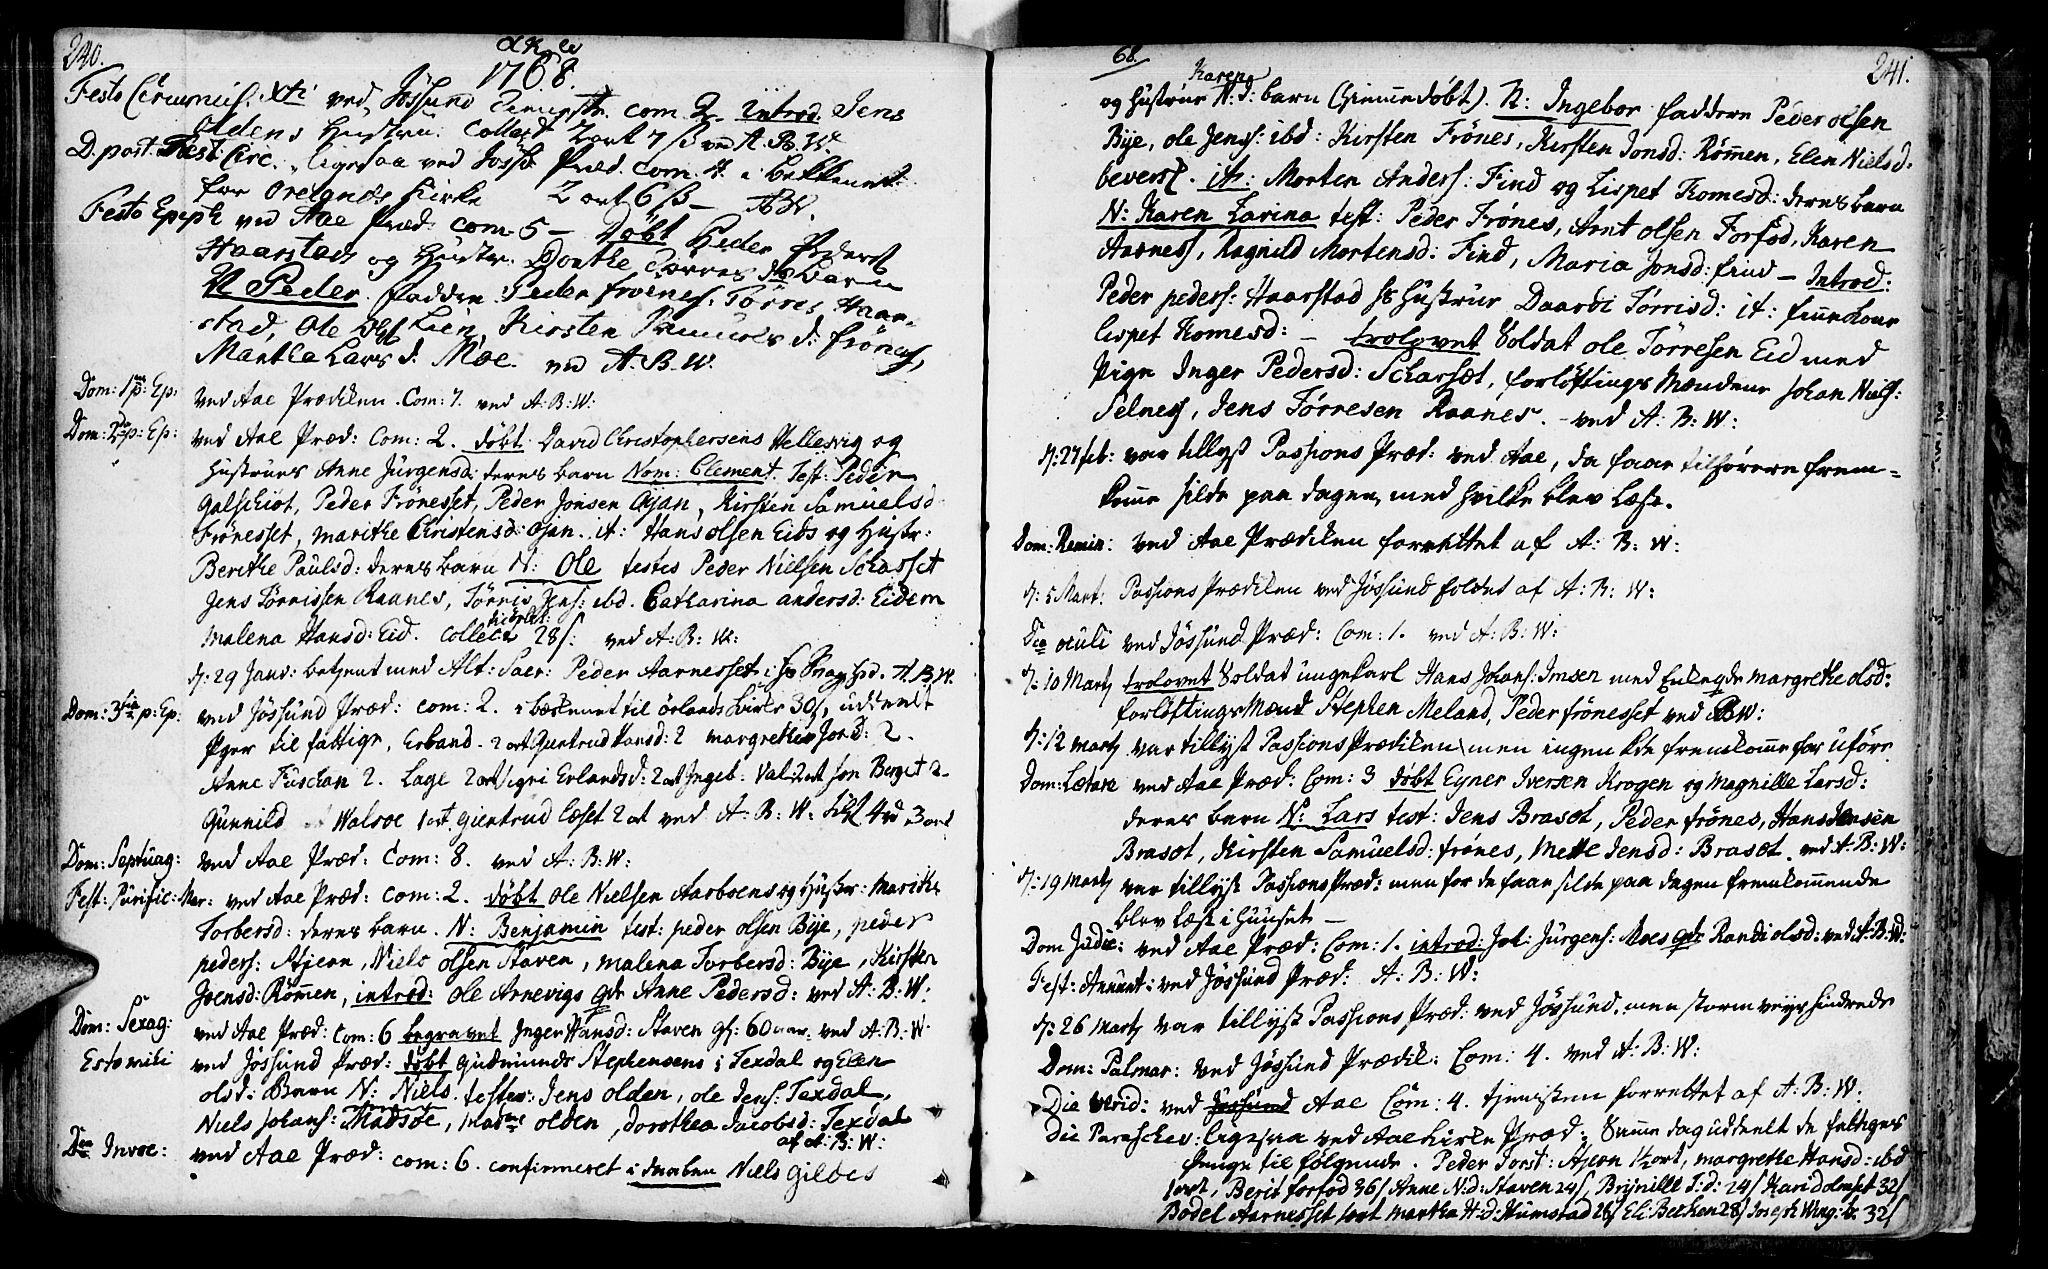 SAT, Ministerialprotokoller, klokkerbøker og fødselsregistre - Sør-Trøndelag, 655/L0672: Ministerialbok nr. 655A01, 1750-1779, s. 240-241